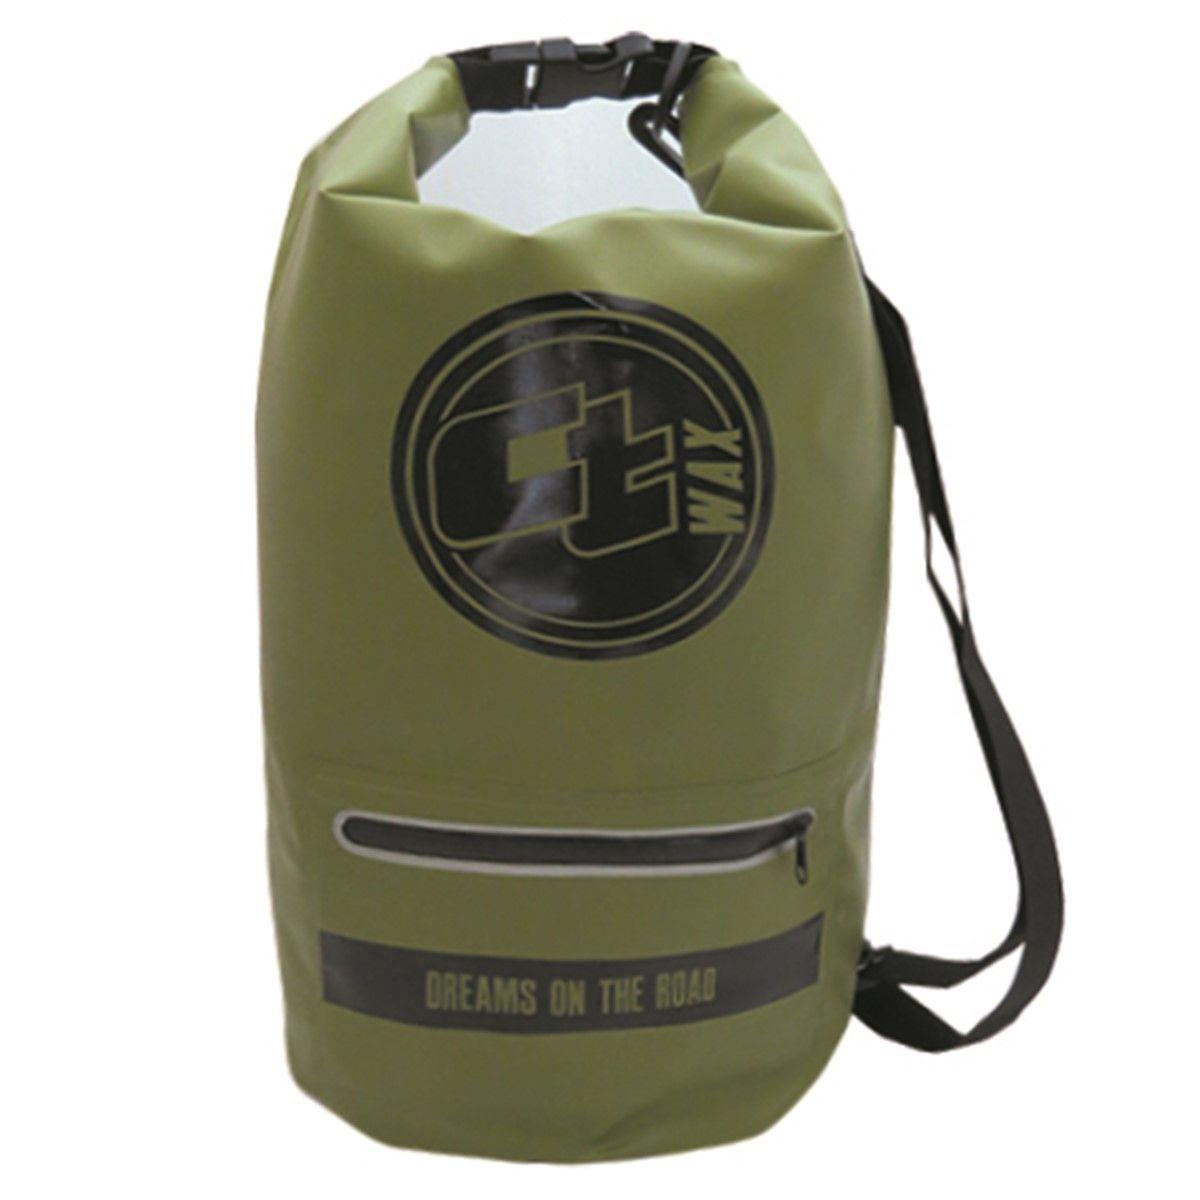 Wet Bag Ctwax Green